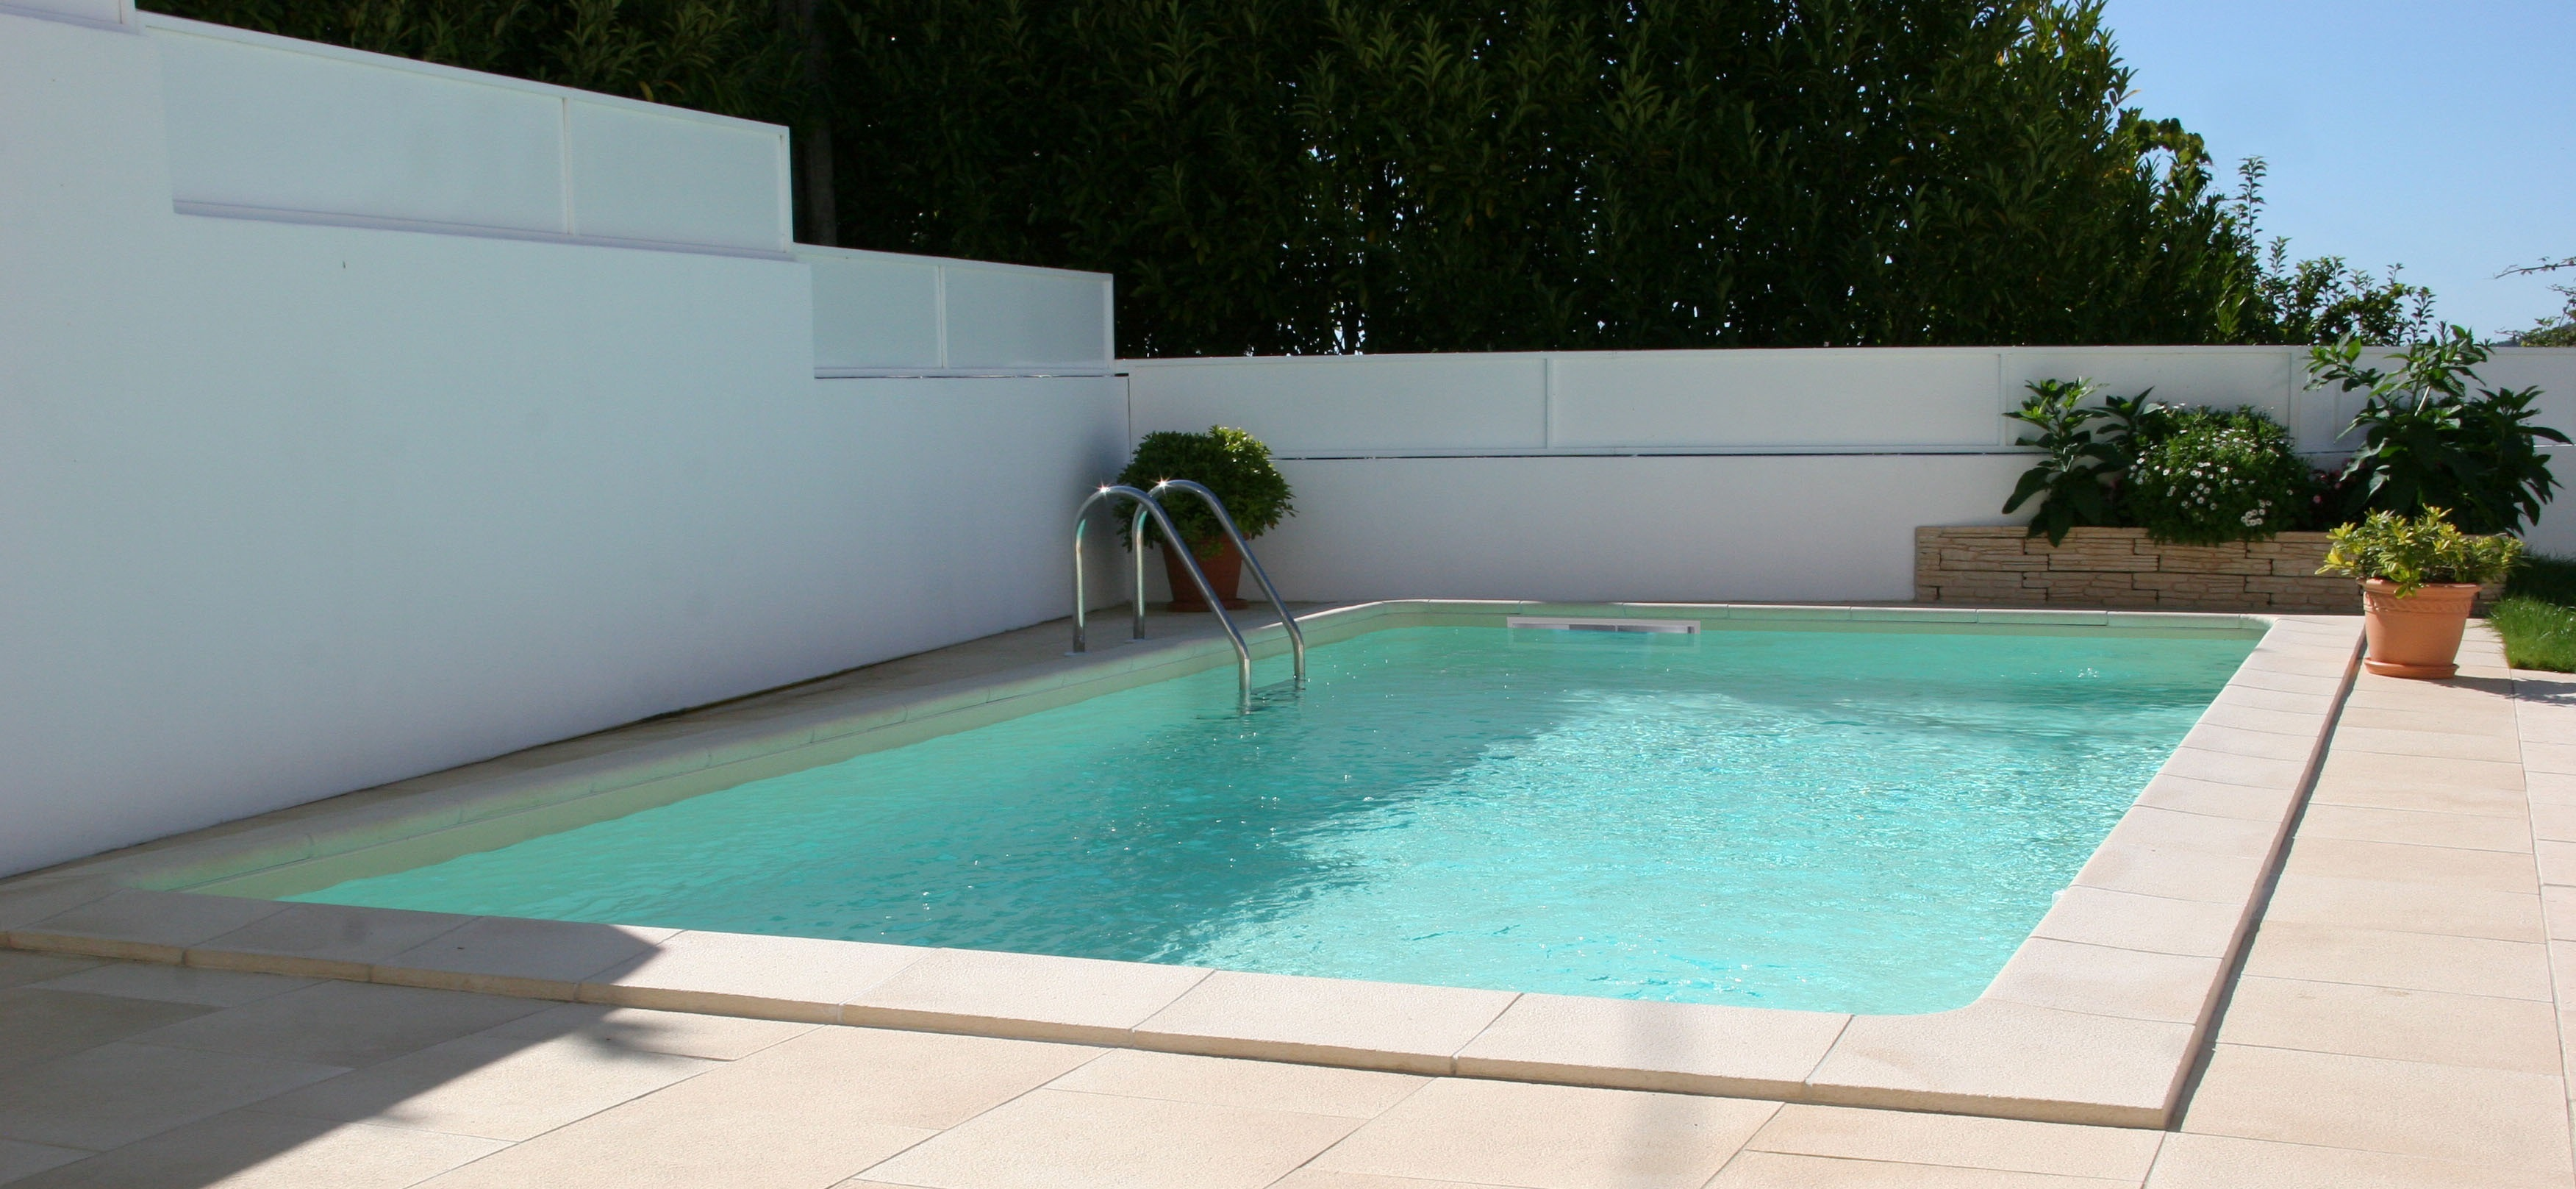 Piscina prefabricada 800cm x 400cm x 150cm piscinas athena for Piscinas athena